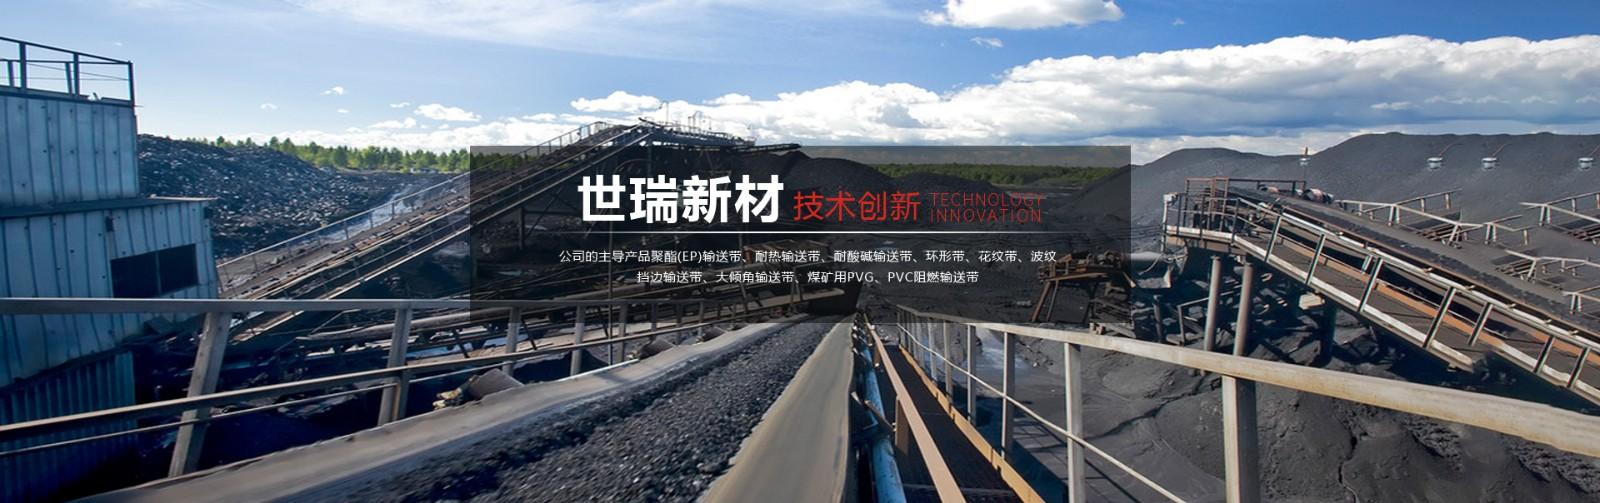 洛陽世瑞新材料科技有限公司